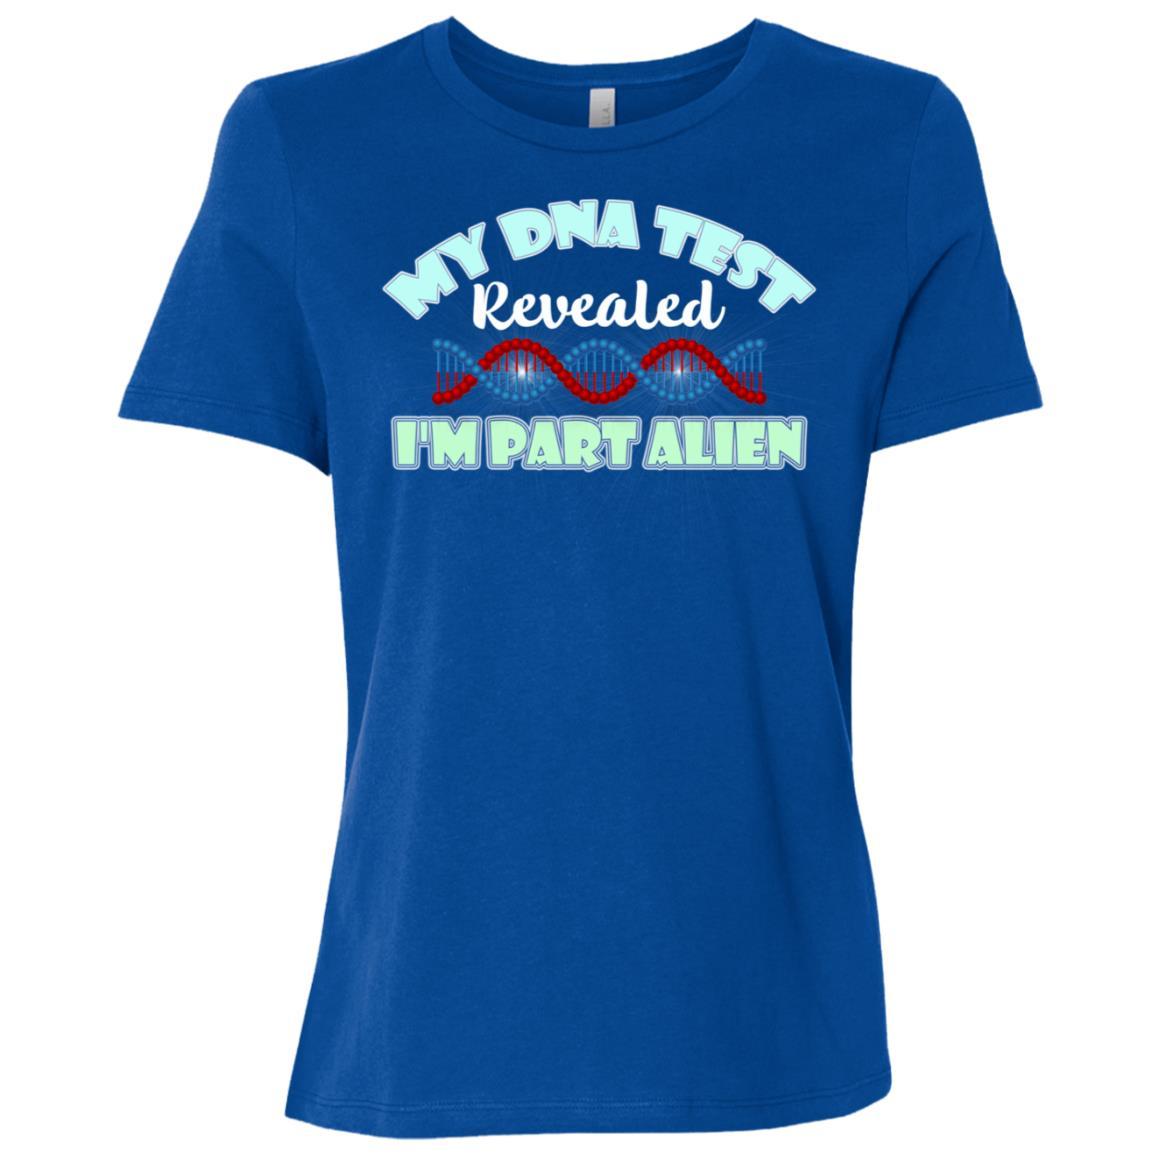 Alien Dna Test My Dna Test Revealed I'm Part Alien Women Short Sleeve T-Shirt